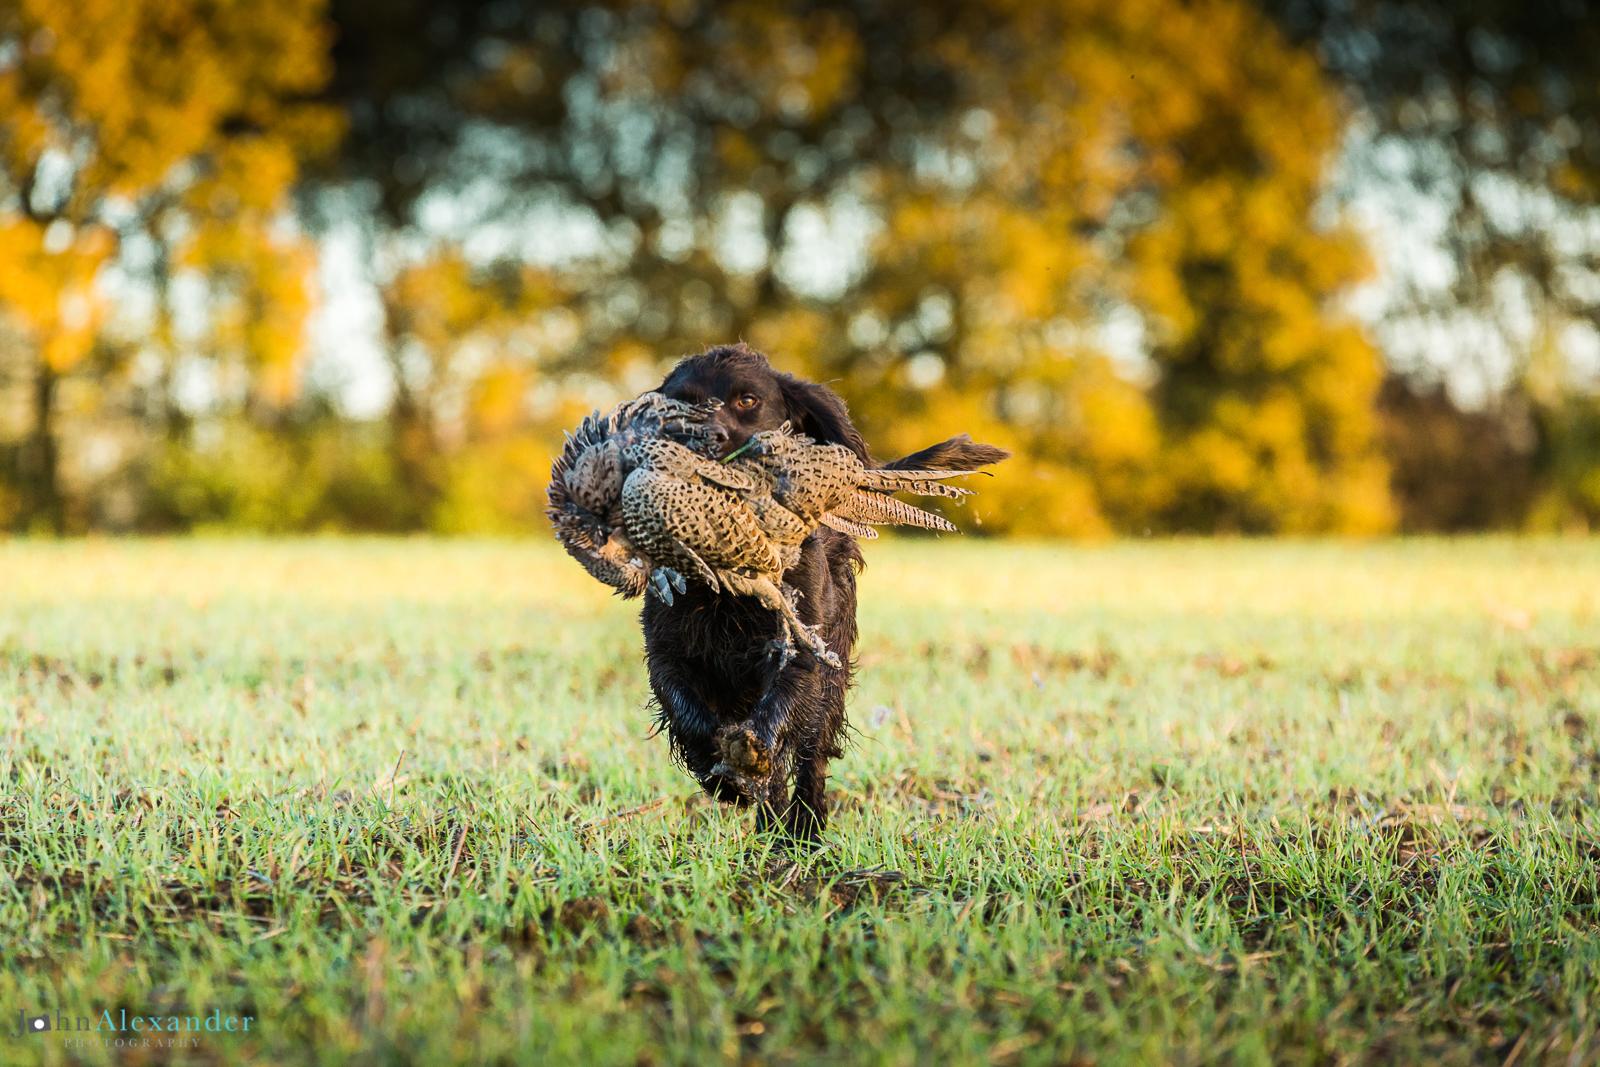 Spaniel retrieving a pheasant in autumn